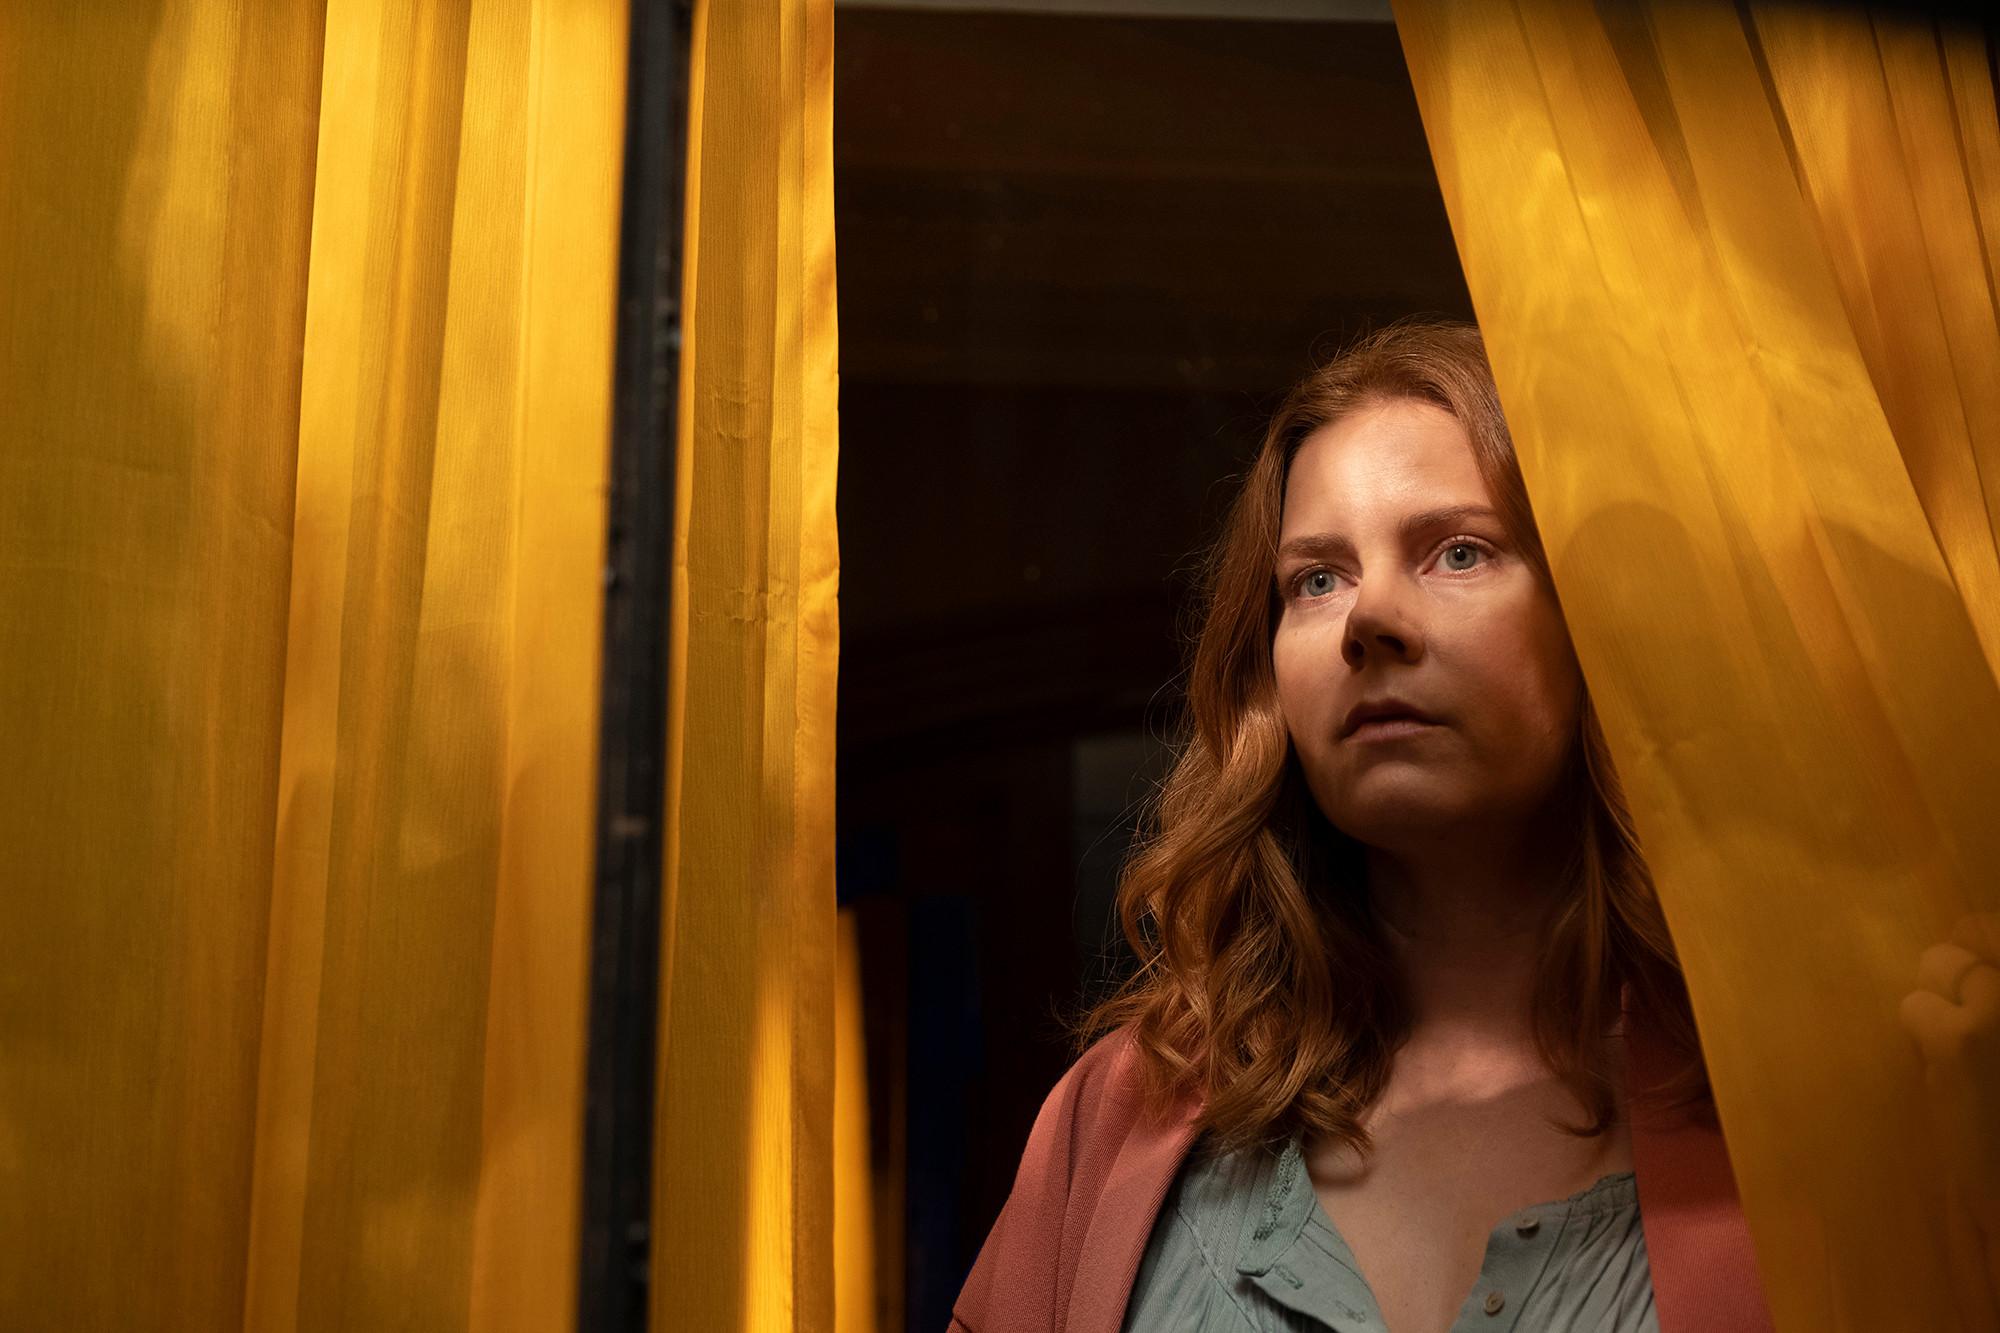 Что смотреть: новый психологический триллер в стиле Хичкока с Эми Адамс